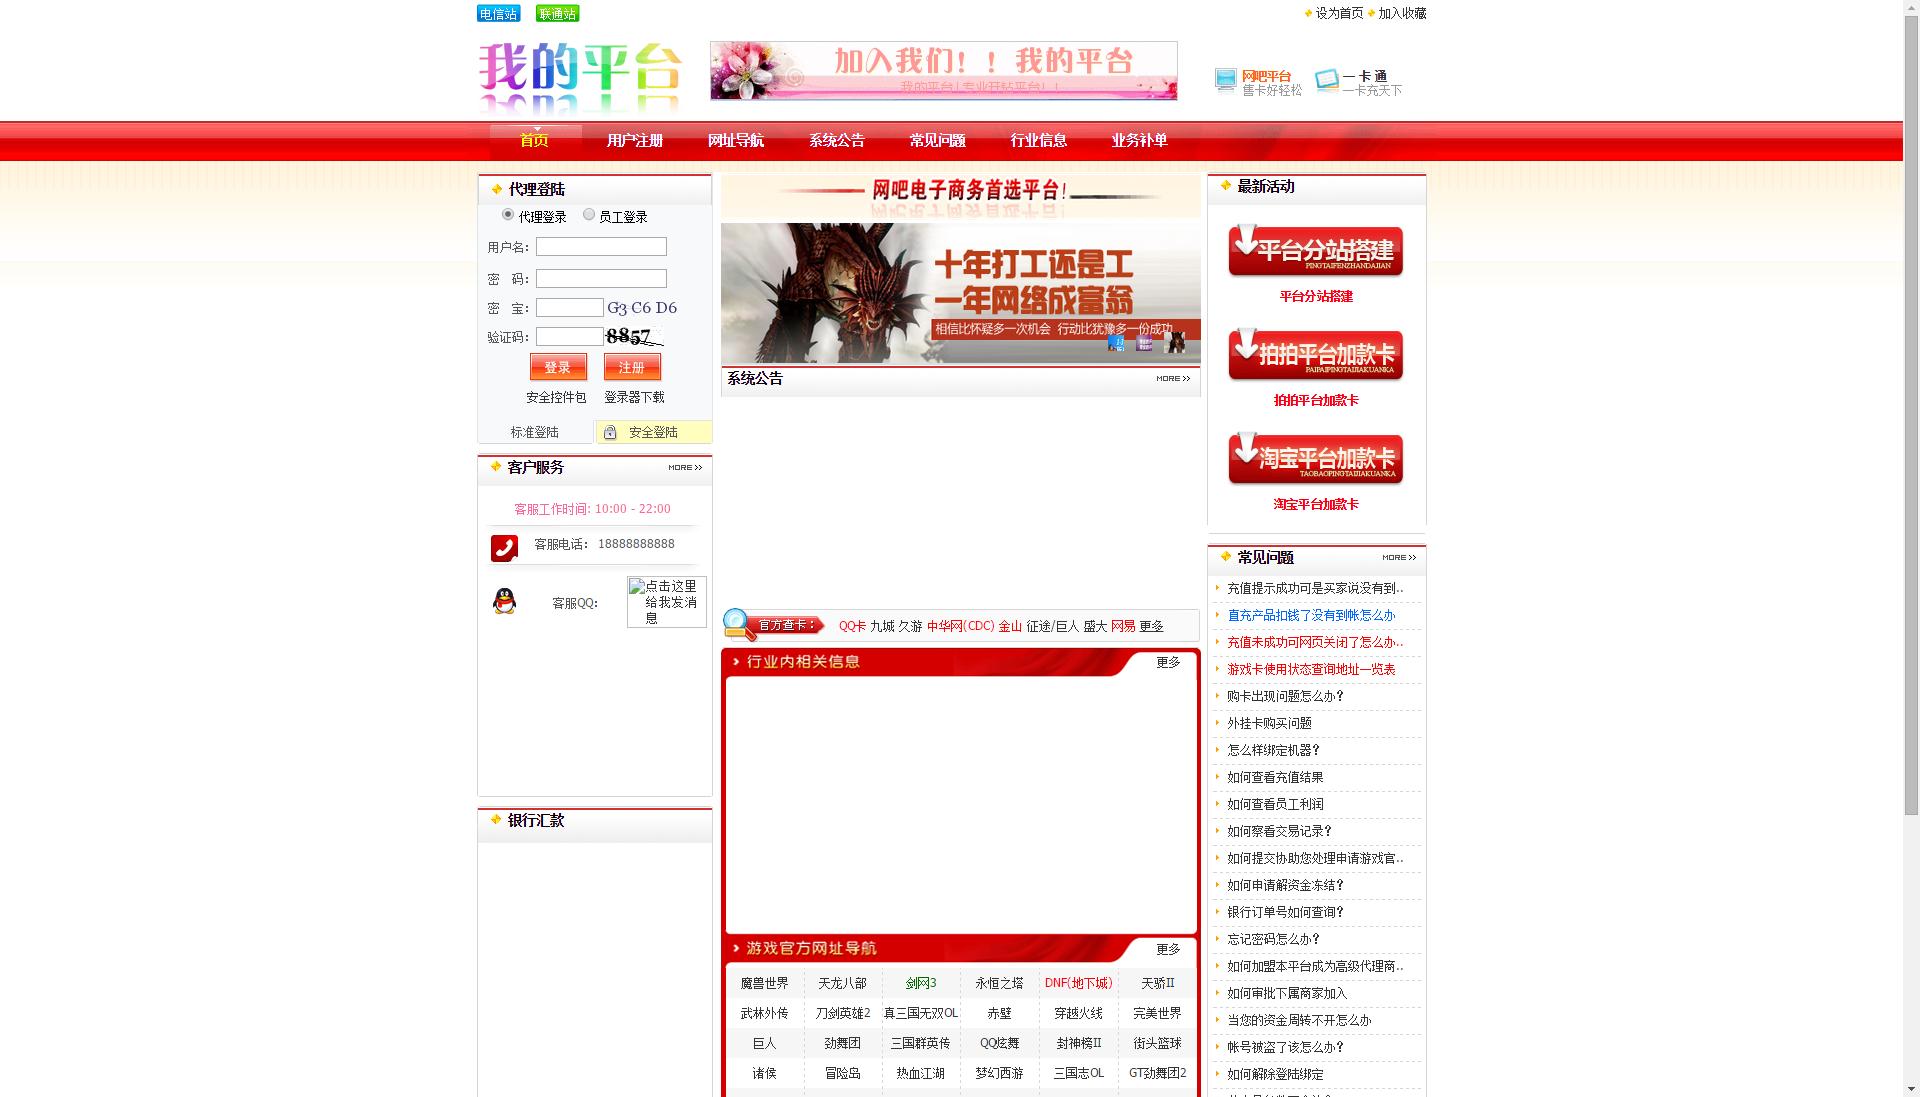 00元】php/卡盟主站搭建/点卡平台卡盟源码程序 自动开通代理 /接口